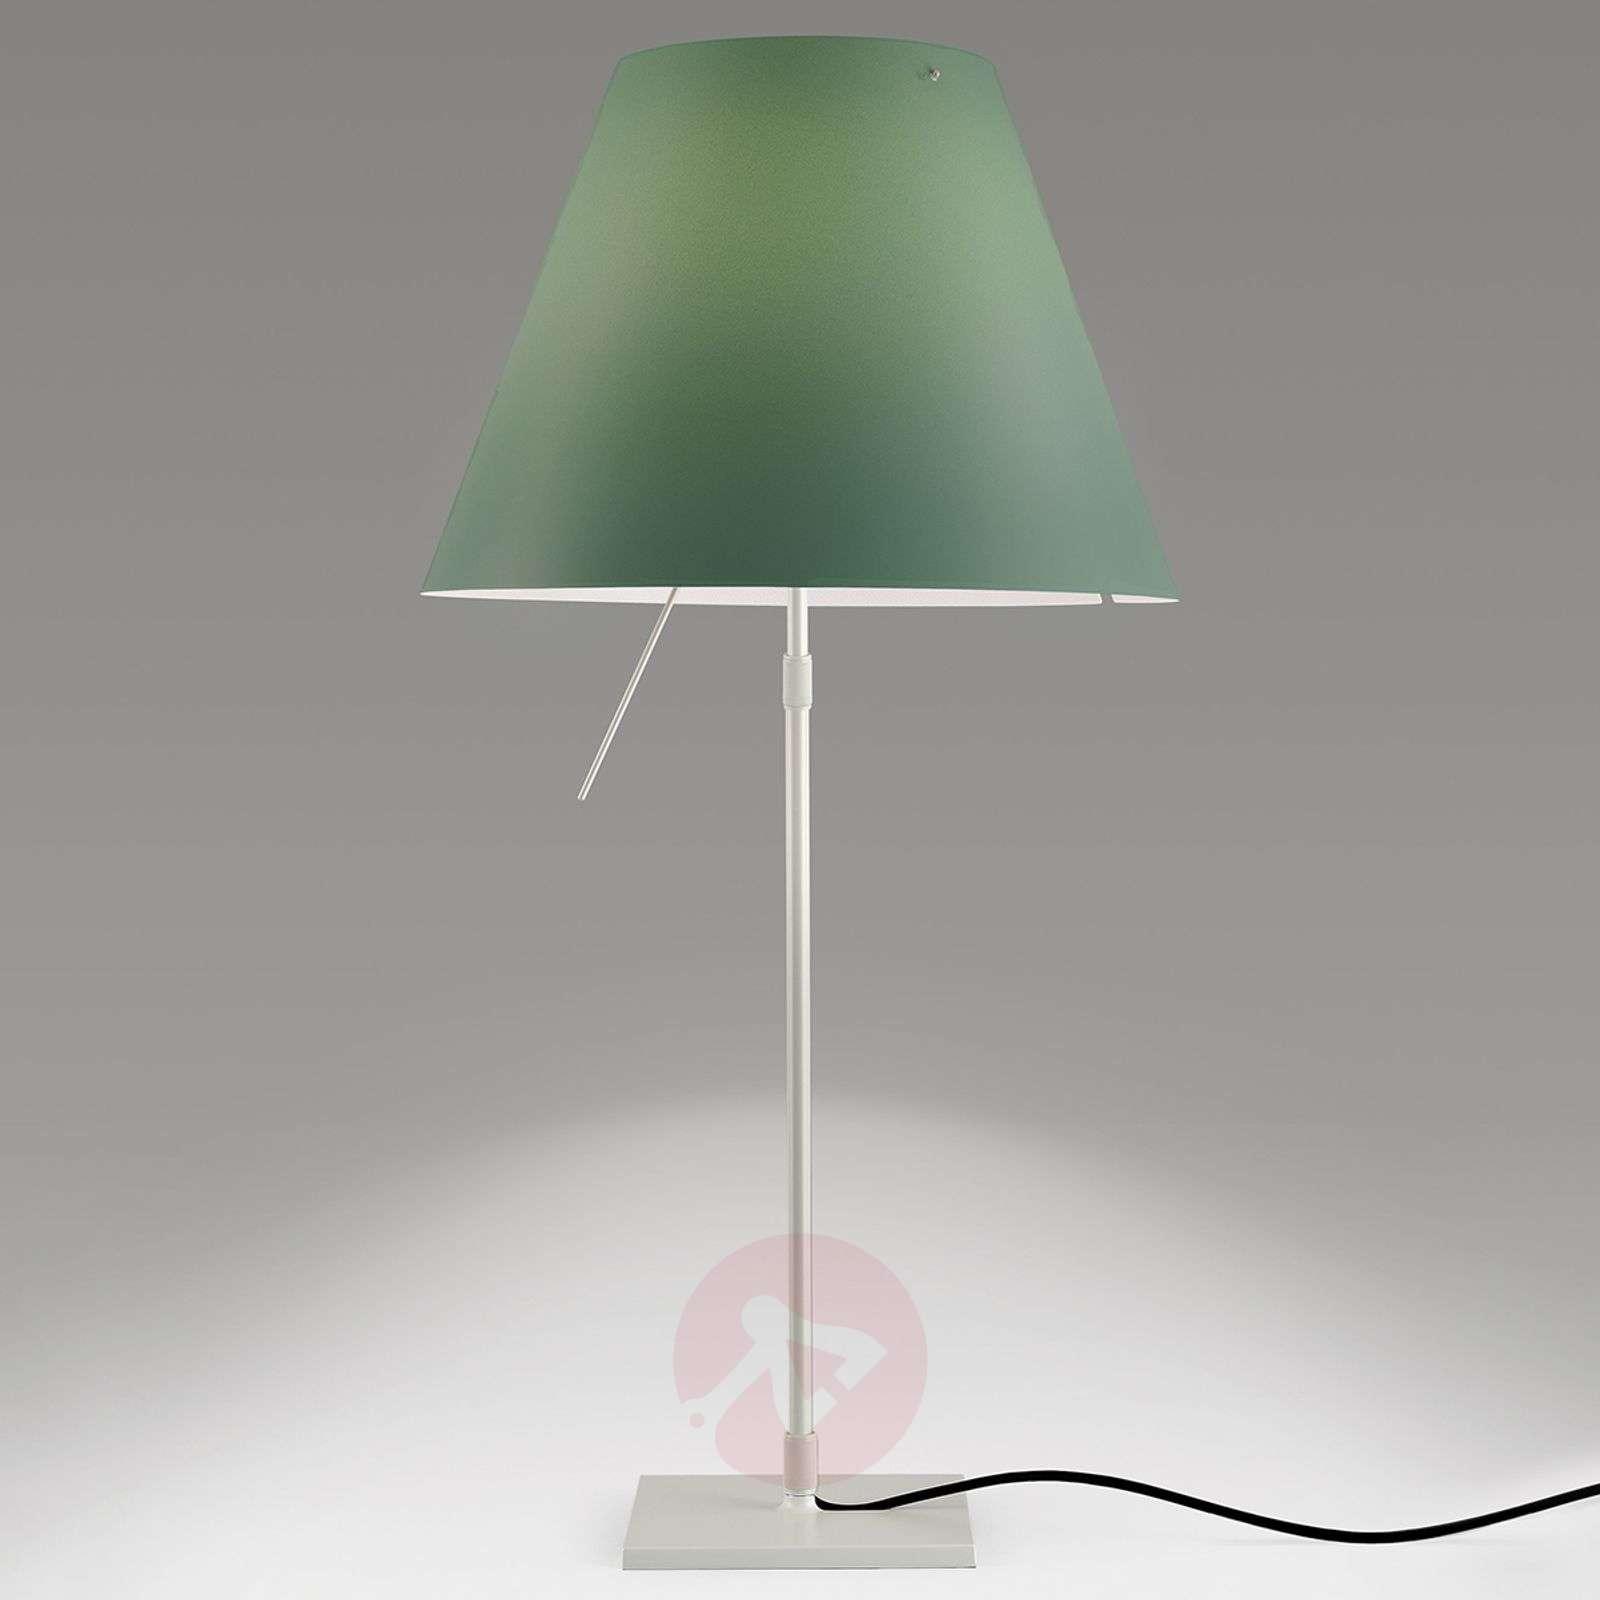 Vihreä LED-pöytävalaisin Costanza korkeussäädöllä-6030161-01